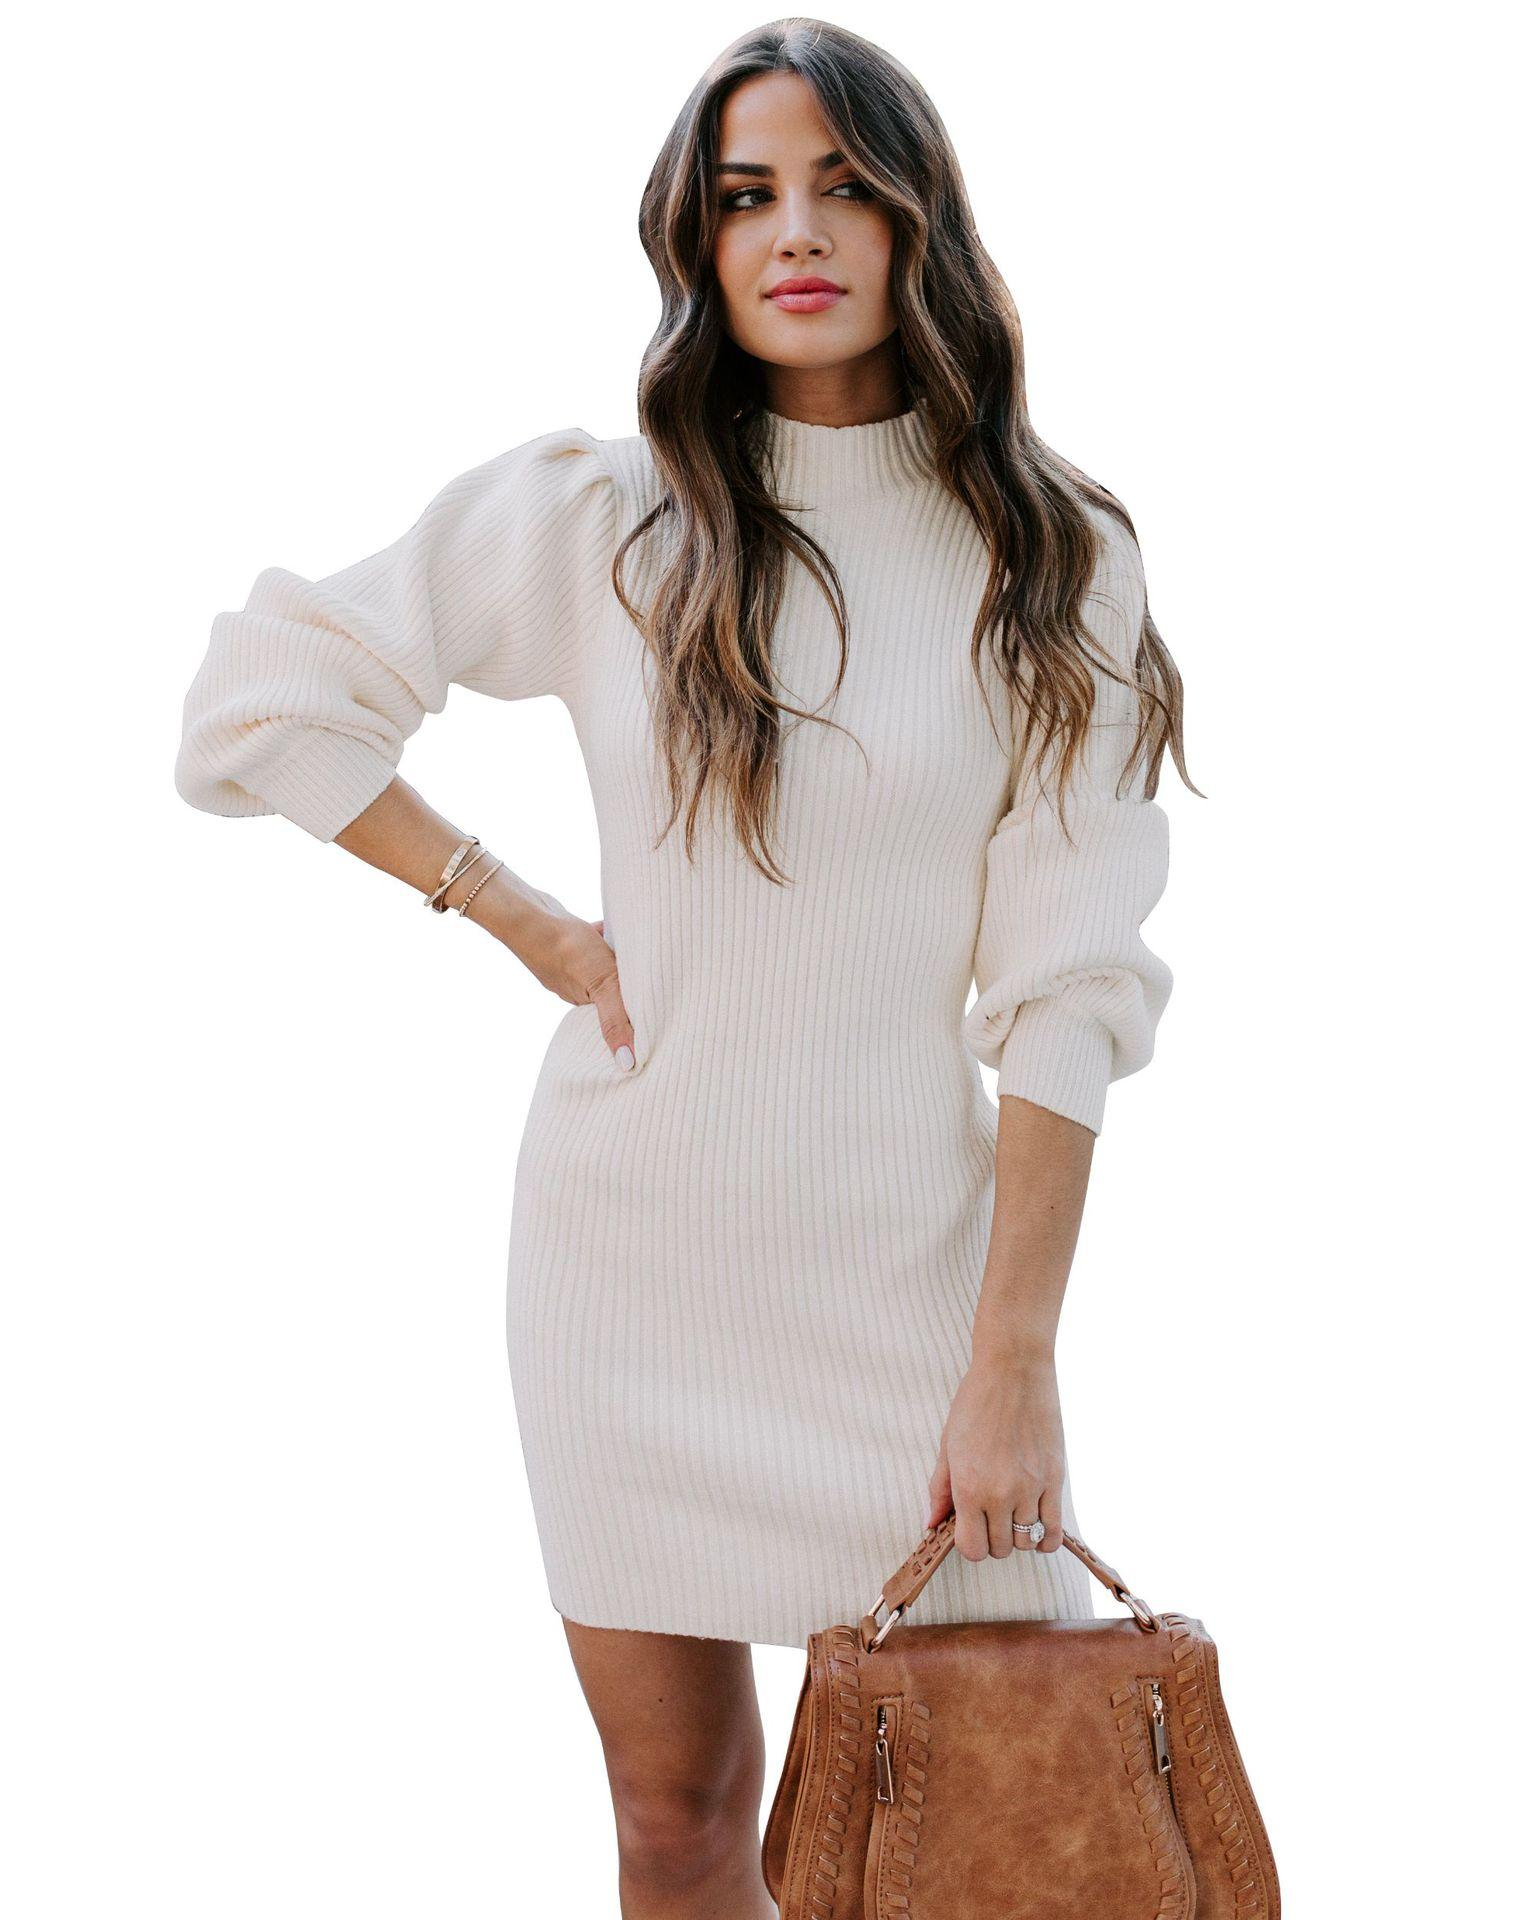 2021 европейские и американская мода осень высокой шея тонкие сексуальные утолщенной облегающим трикотажное платье свитера